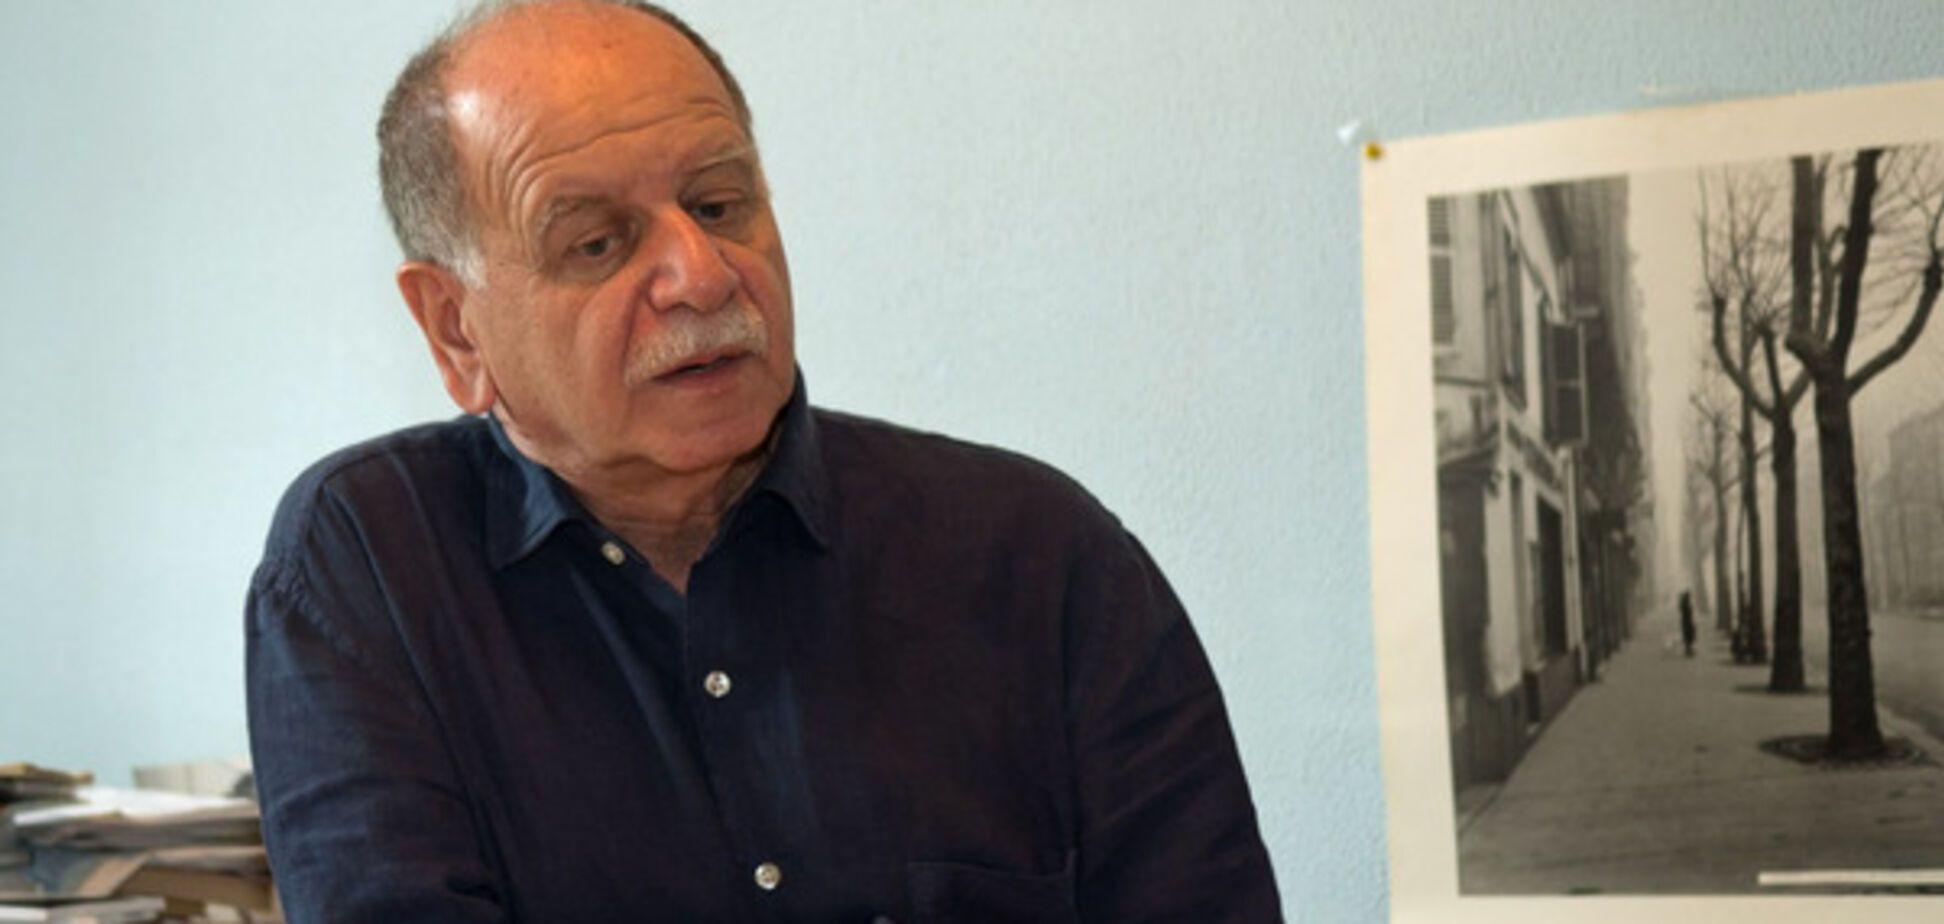 Умер выдающийся российский кинокритик, поддержавший Украину в войне с Путиным